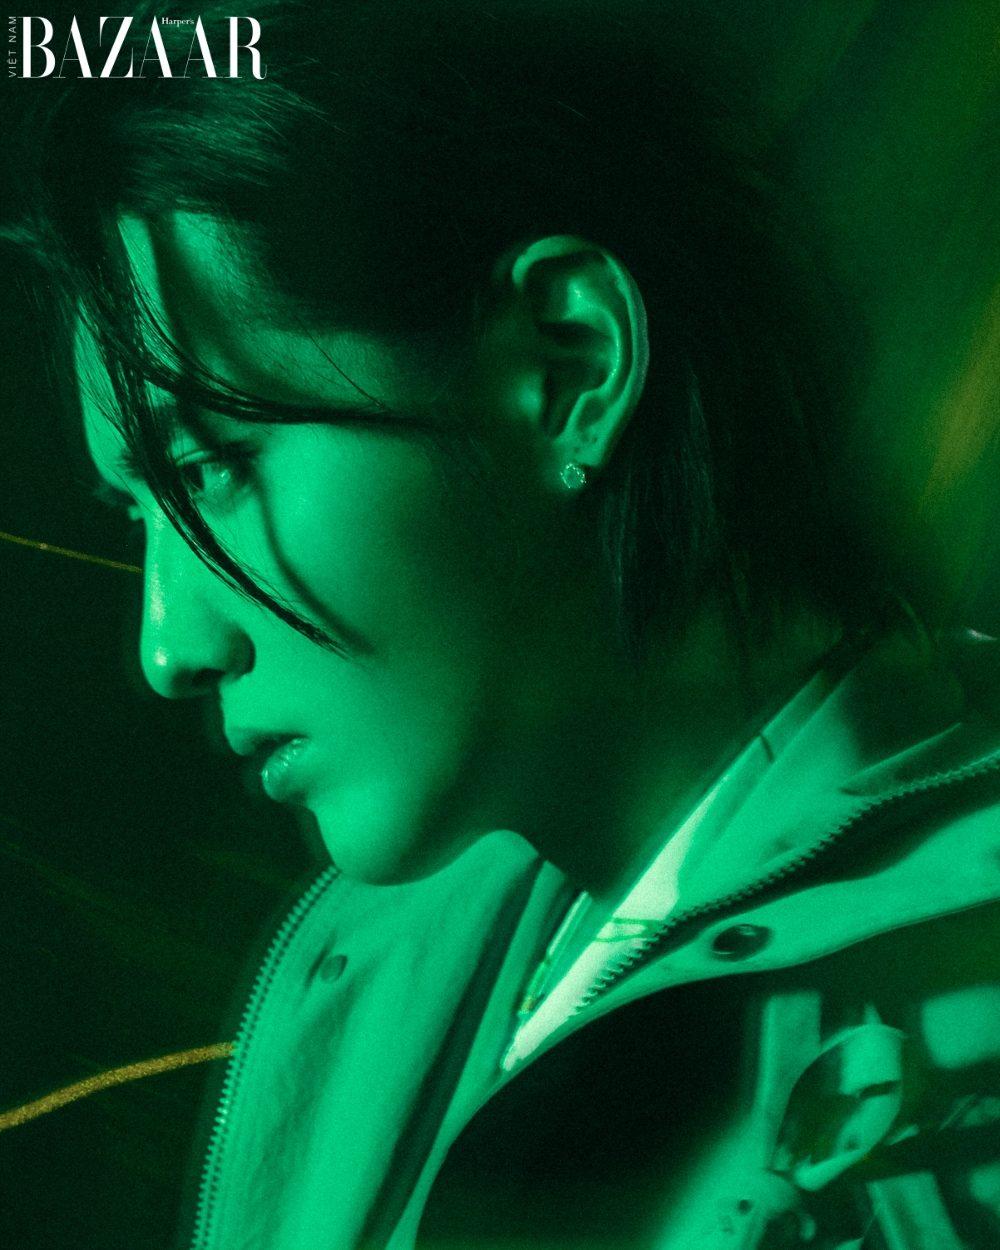 کارگردان ویتنامی چهره واقعی نگو دیپ فام را